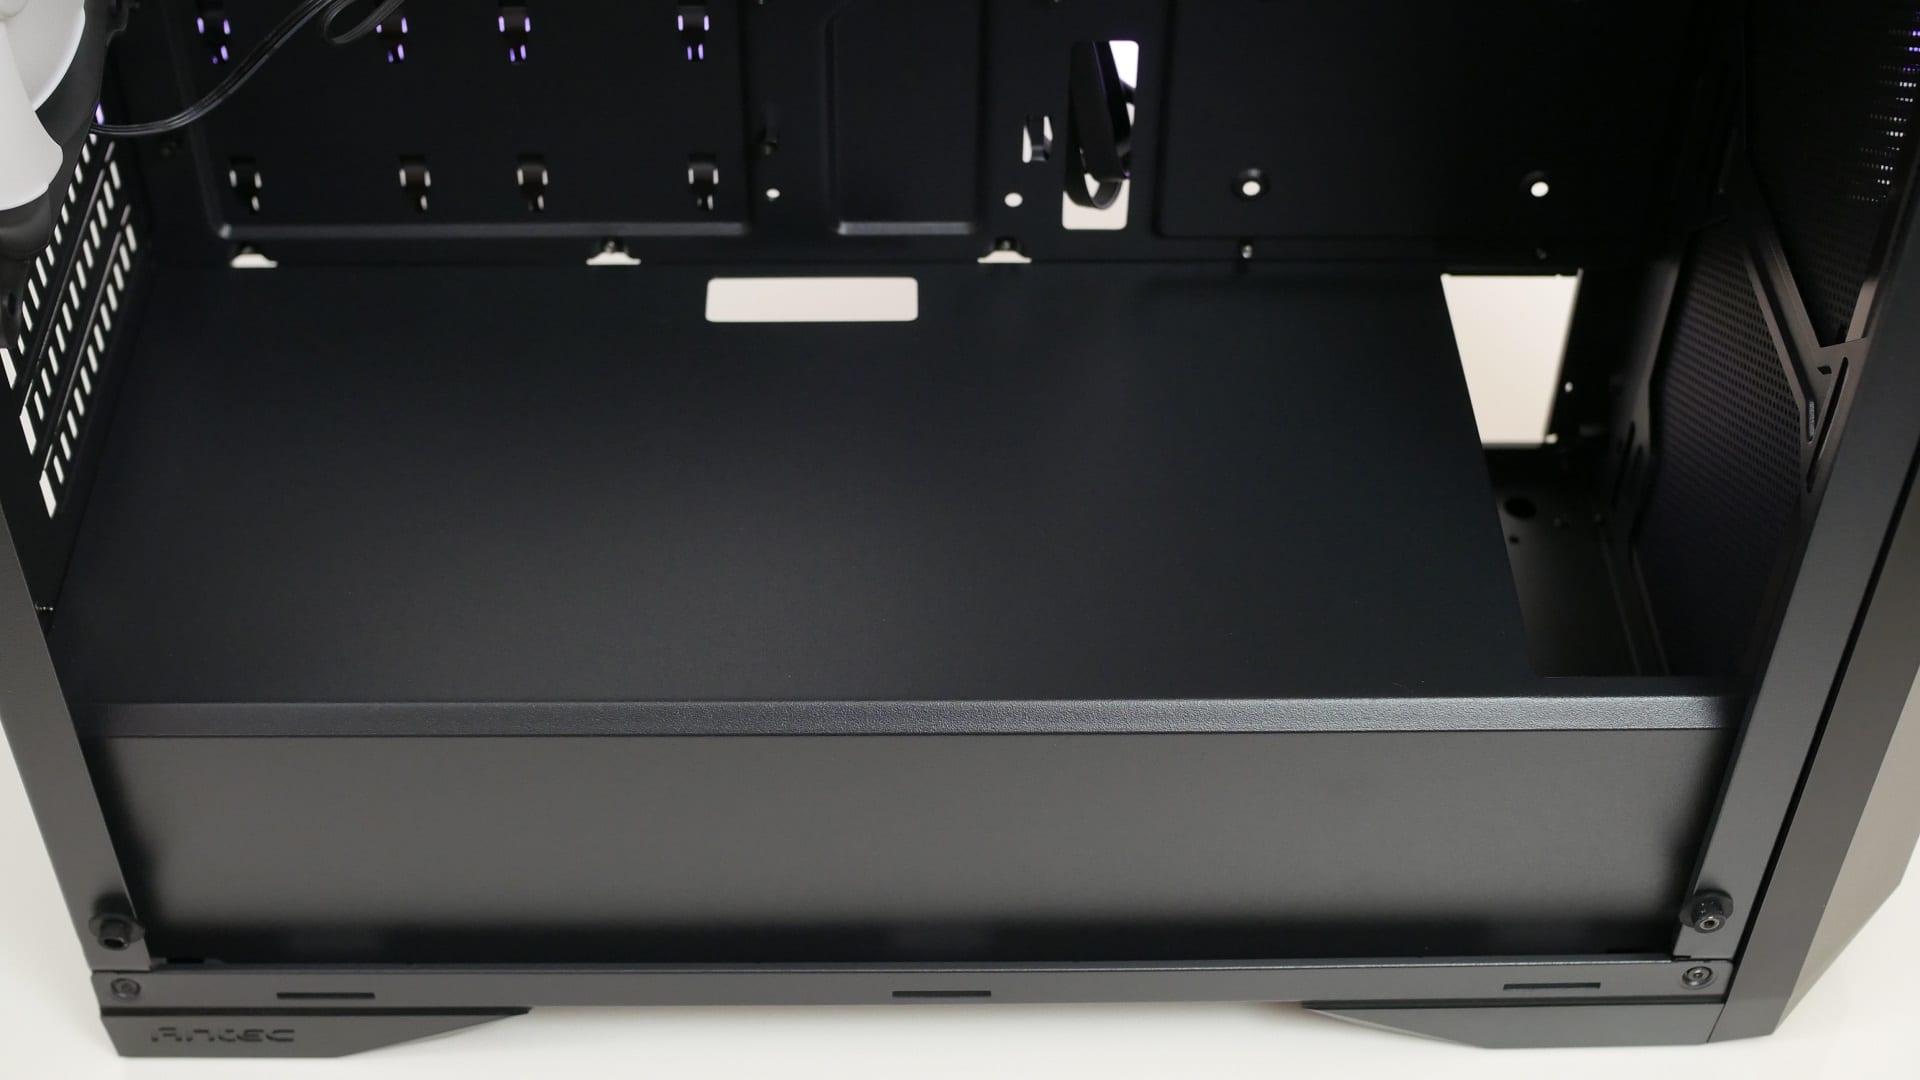 antec p6 recensione12 - Antec P6, recensione del nuovo case Micro-ATX